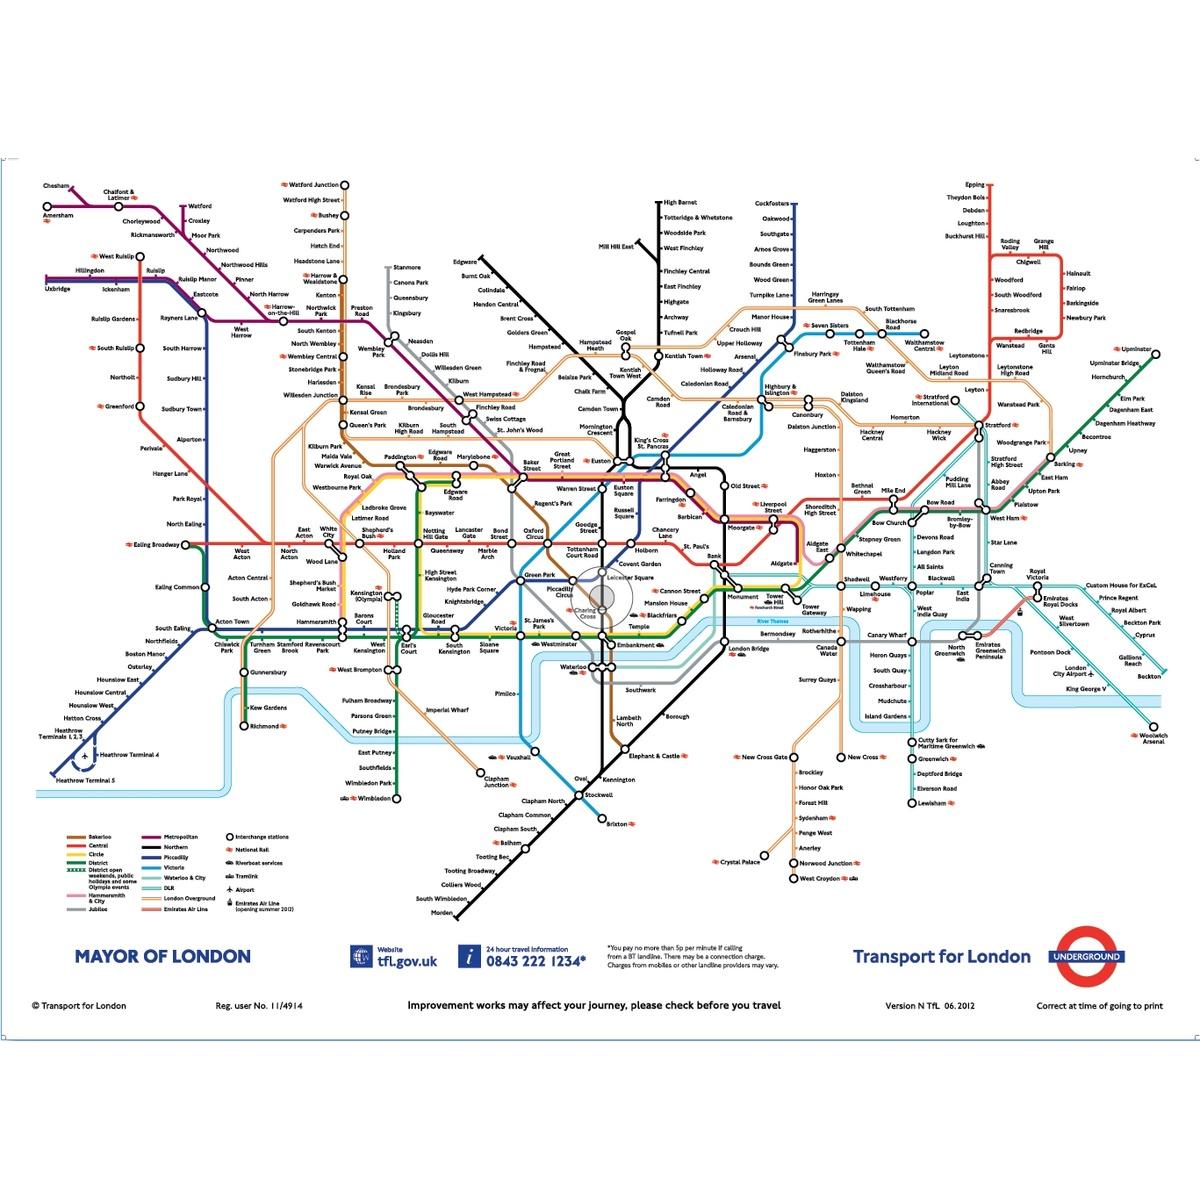 Fototapeta trasa Londýnu 158 x 232 cm, Wall